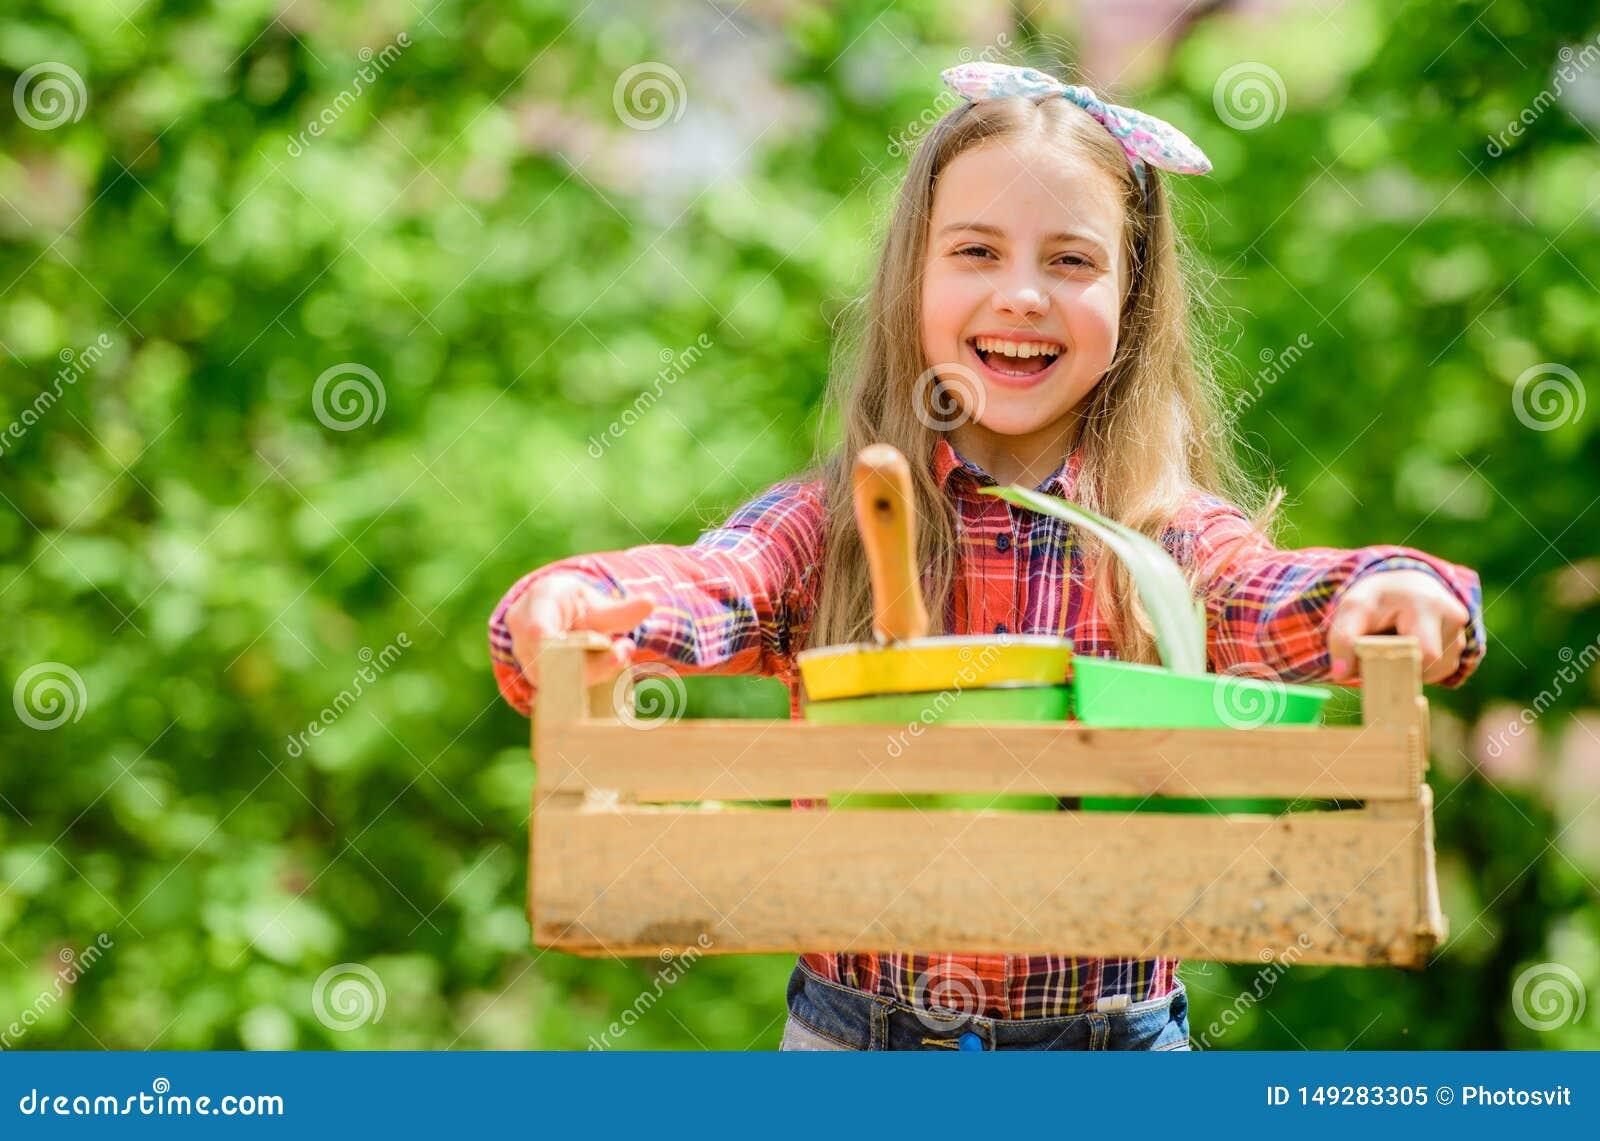 Работа на лето девушка елена беккер